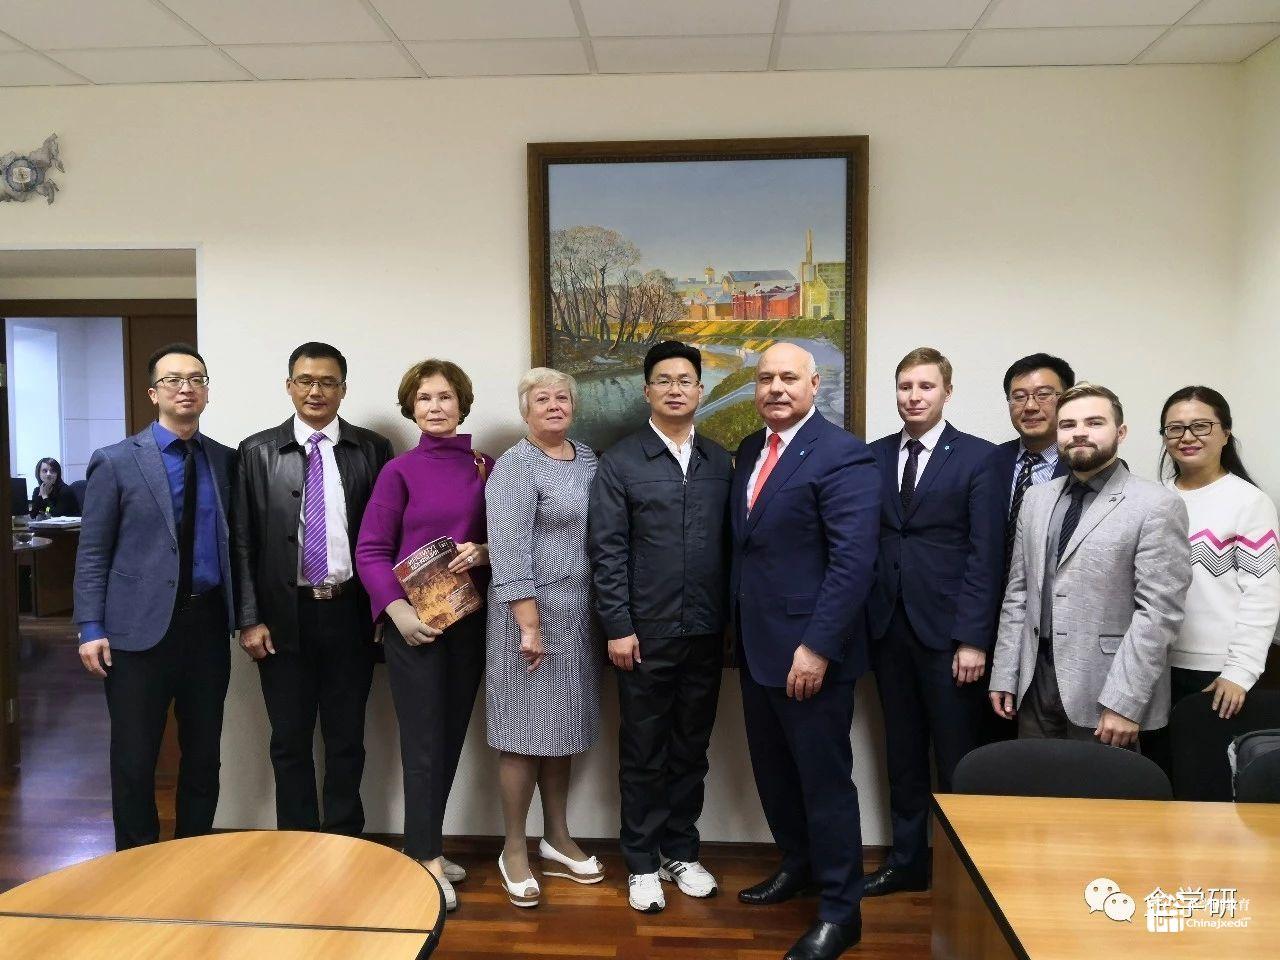 中方代表访问俄罗斯国立职业教育师范大学